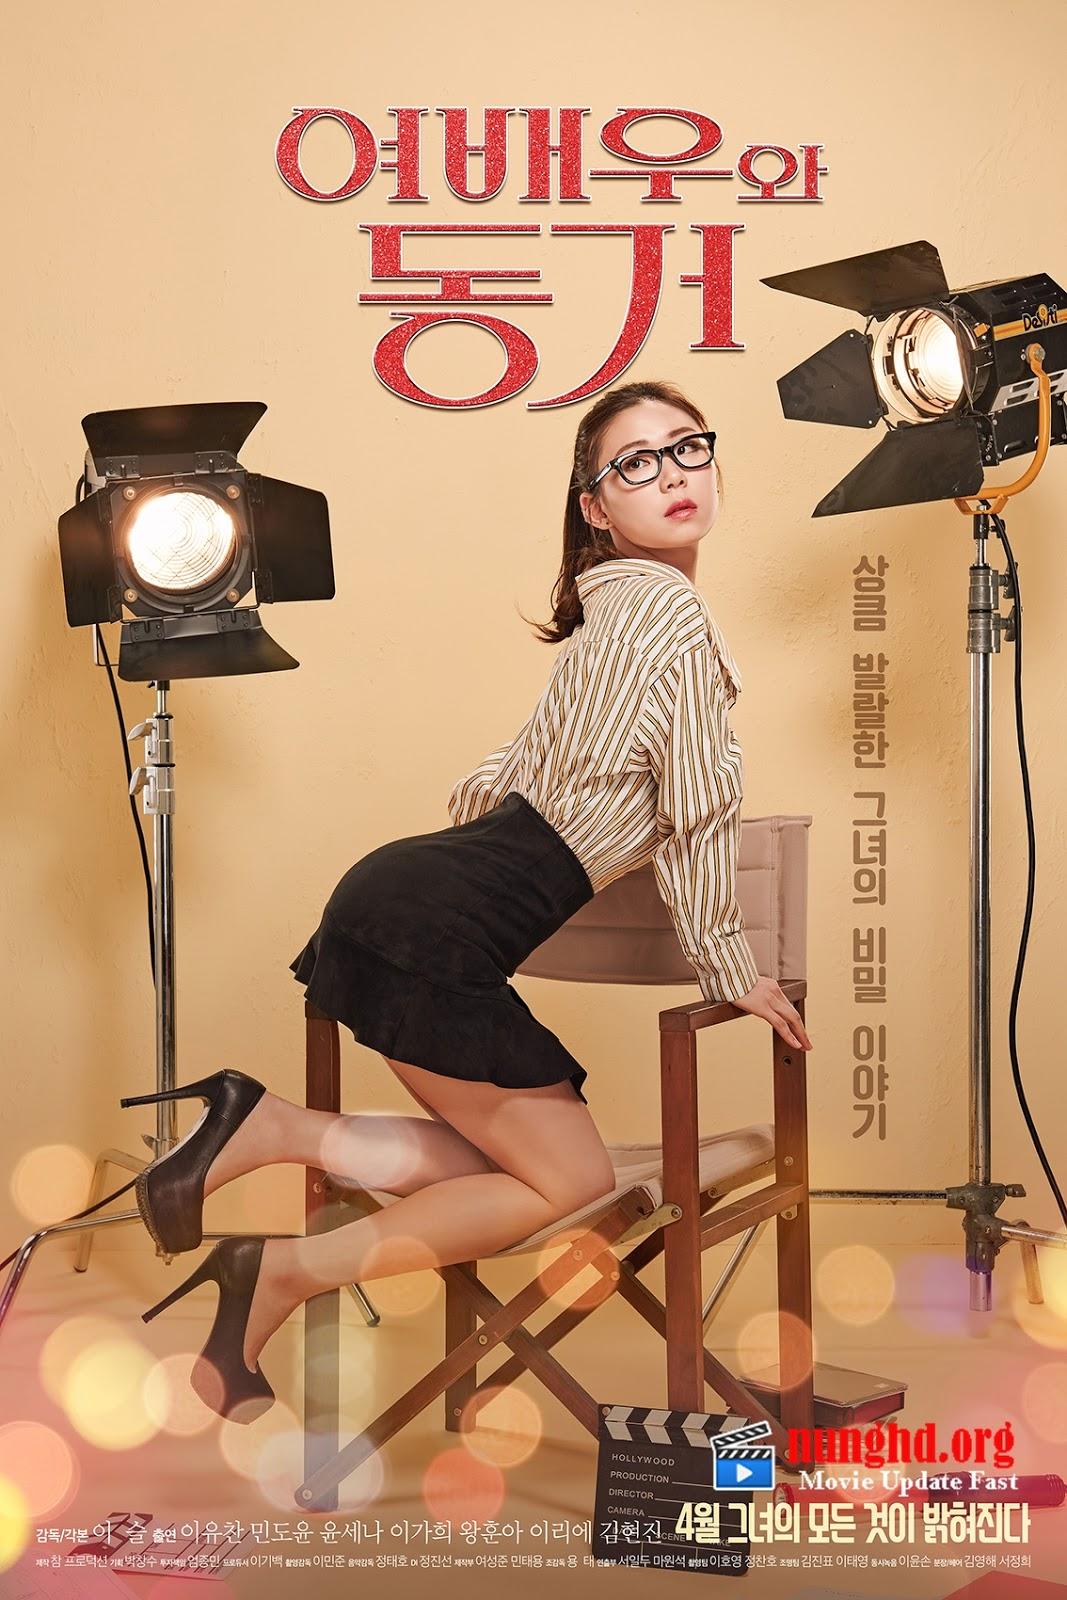 [เกาหลี 18+] Live With An Actress (2017) [Soundtrack ไม่มีบรรยายไทย]